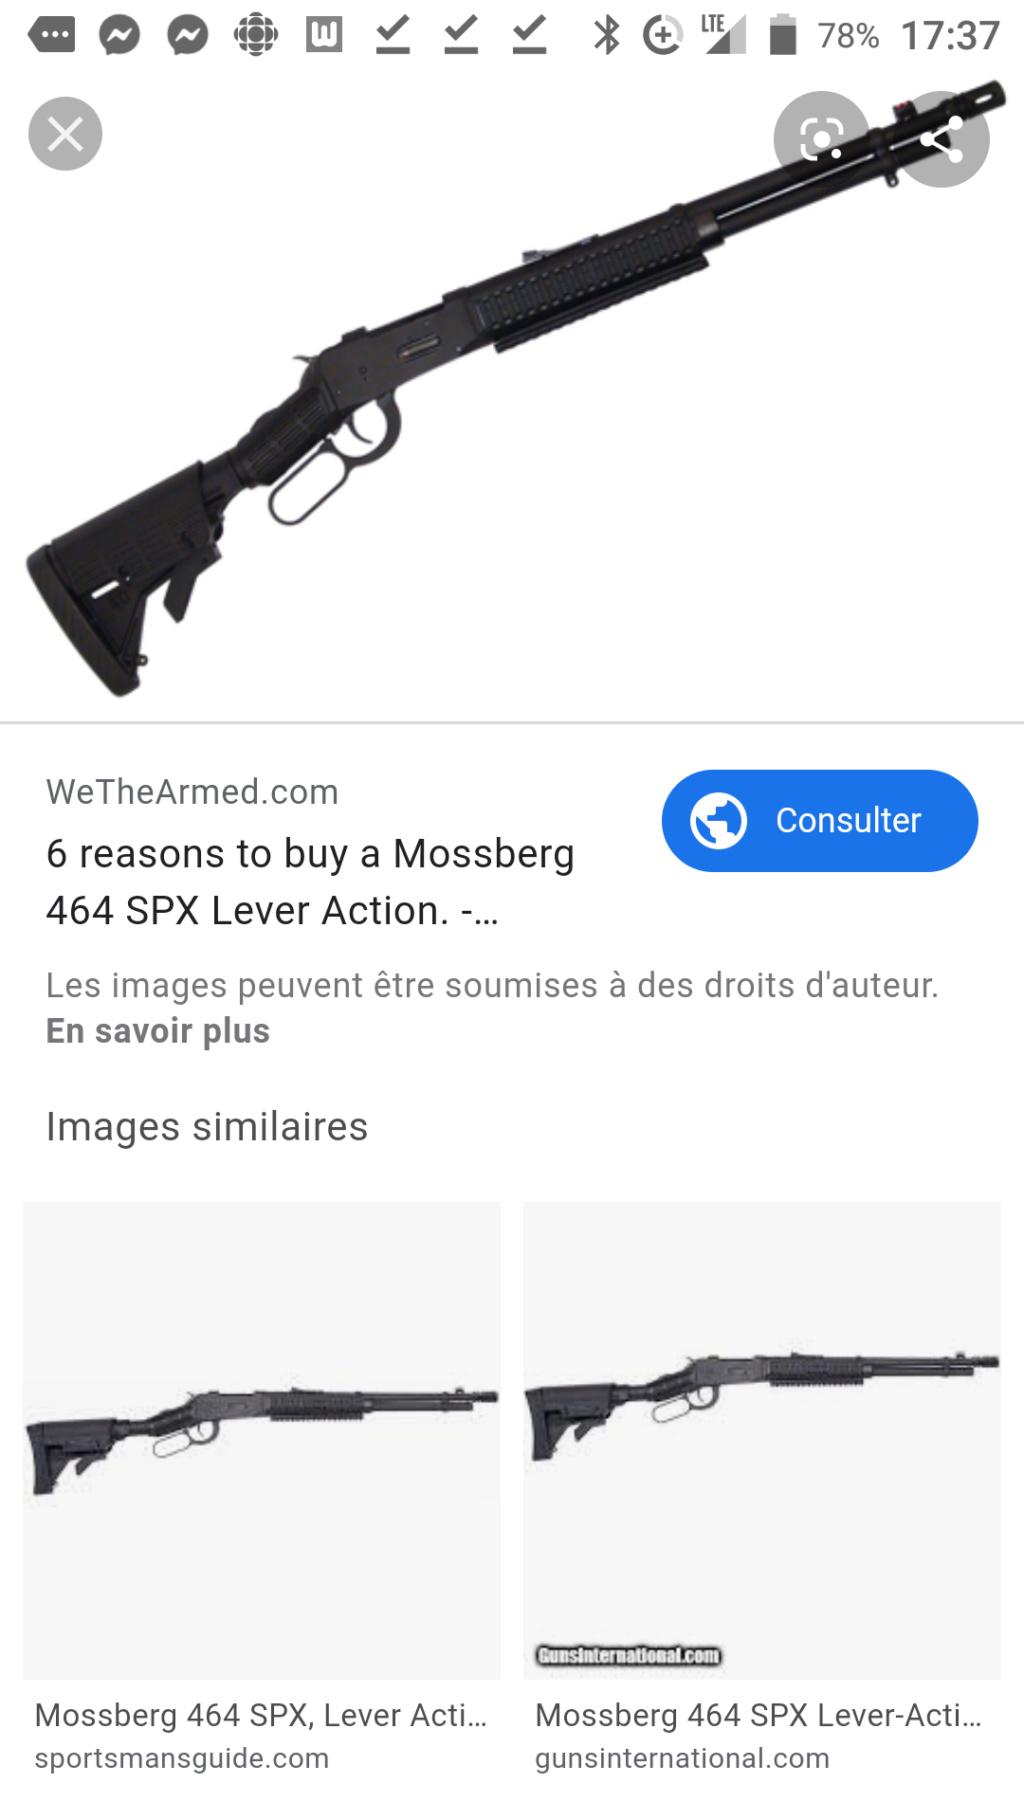 Les armes que vous n'aimez pas? - Page 3 Screen11